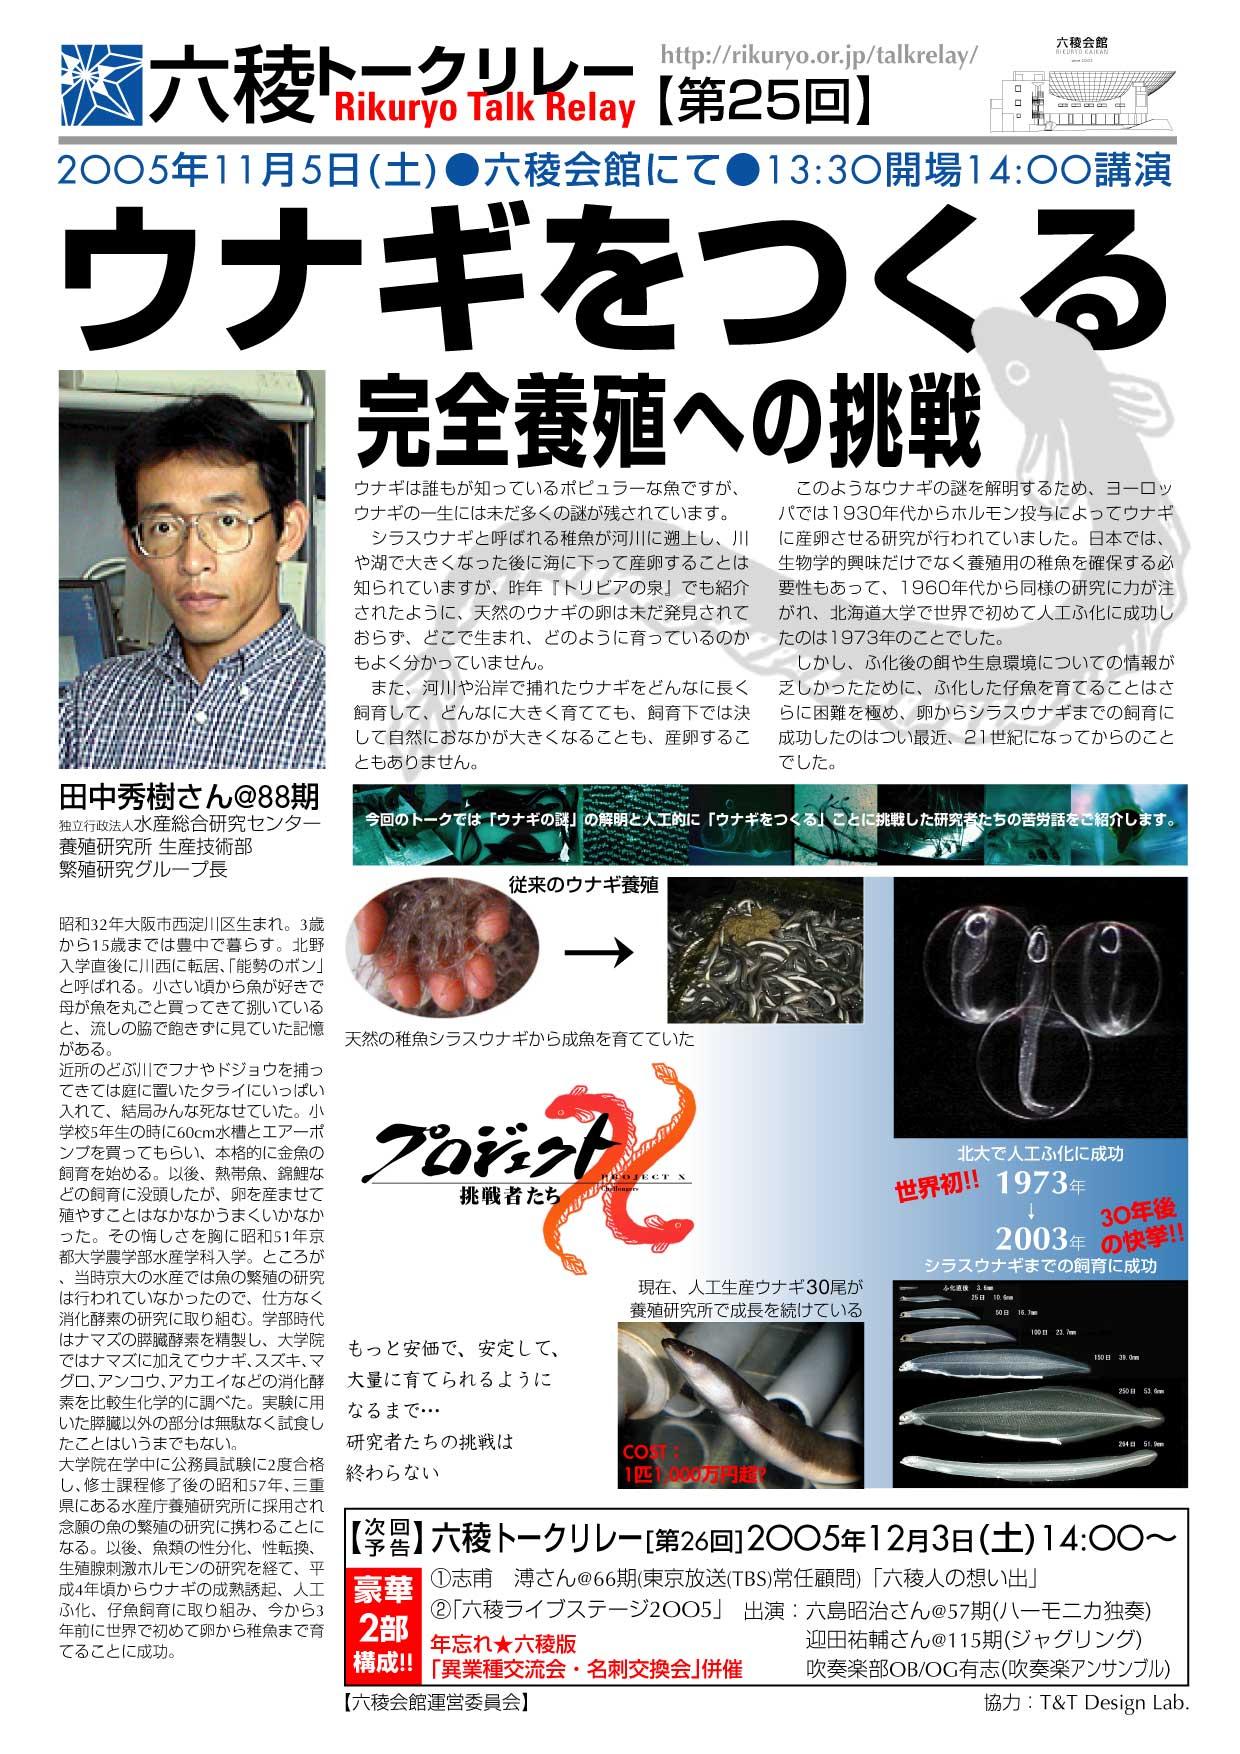 カレンダー 六期カレンダー 2014 : 田中秀樹さん@88期「ウナギをつ ...